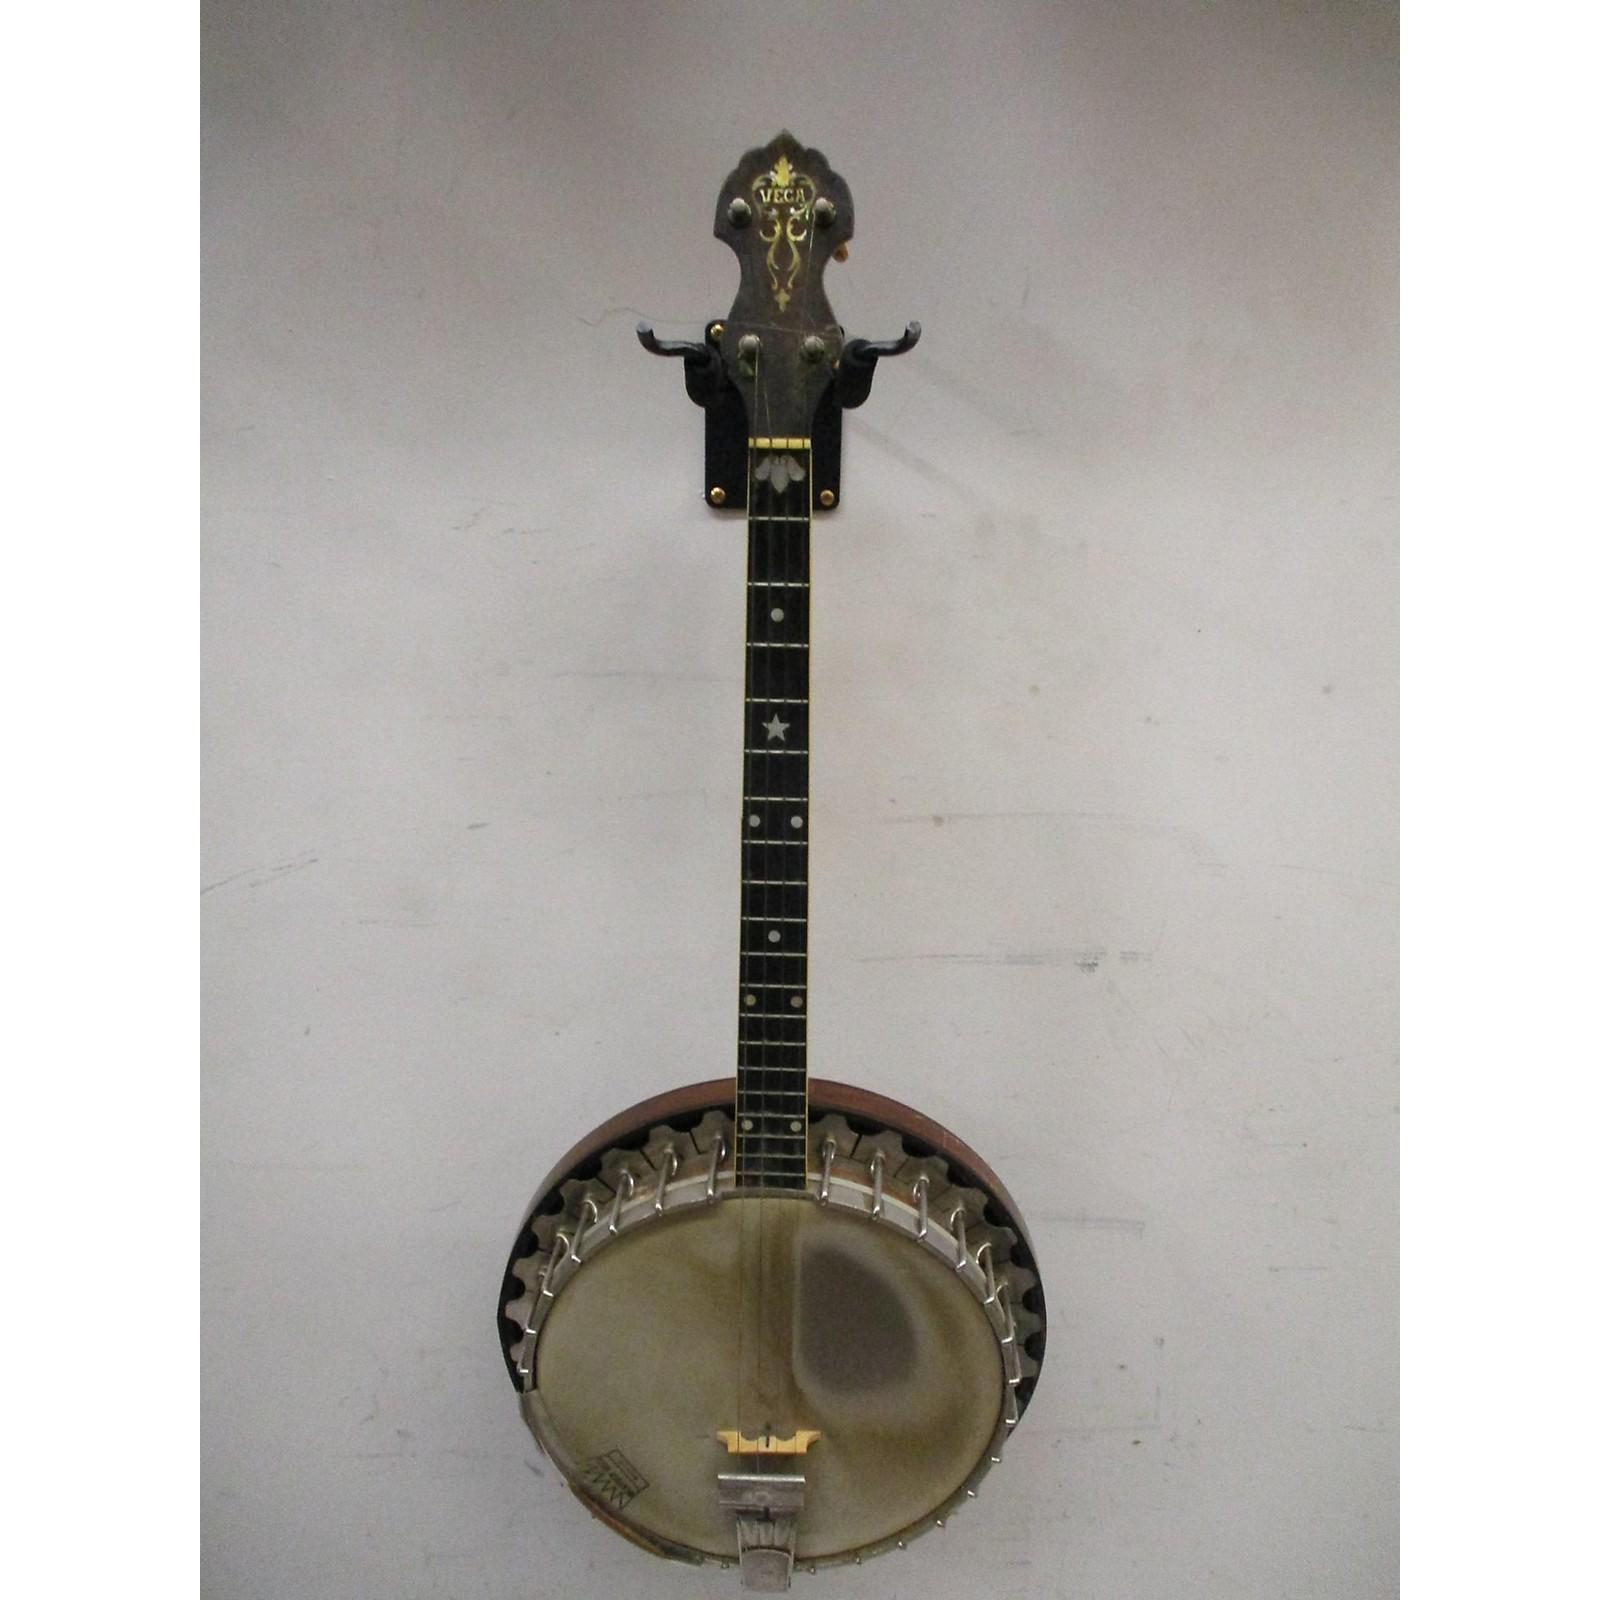 Vintage Vega 1930s Professional Tenor Banjo Banjo Natural